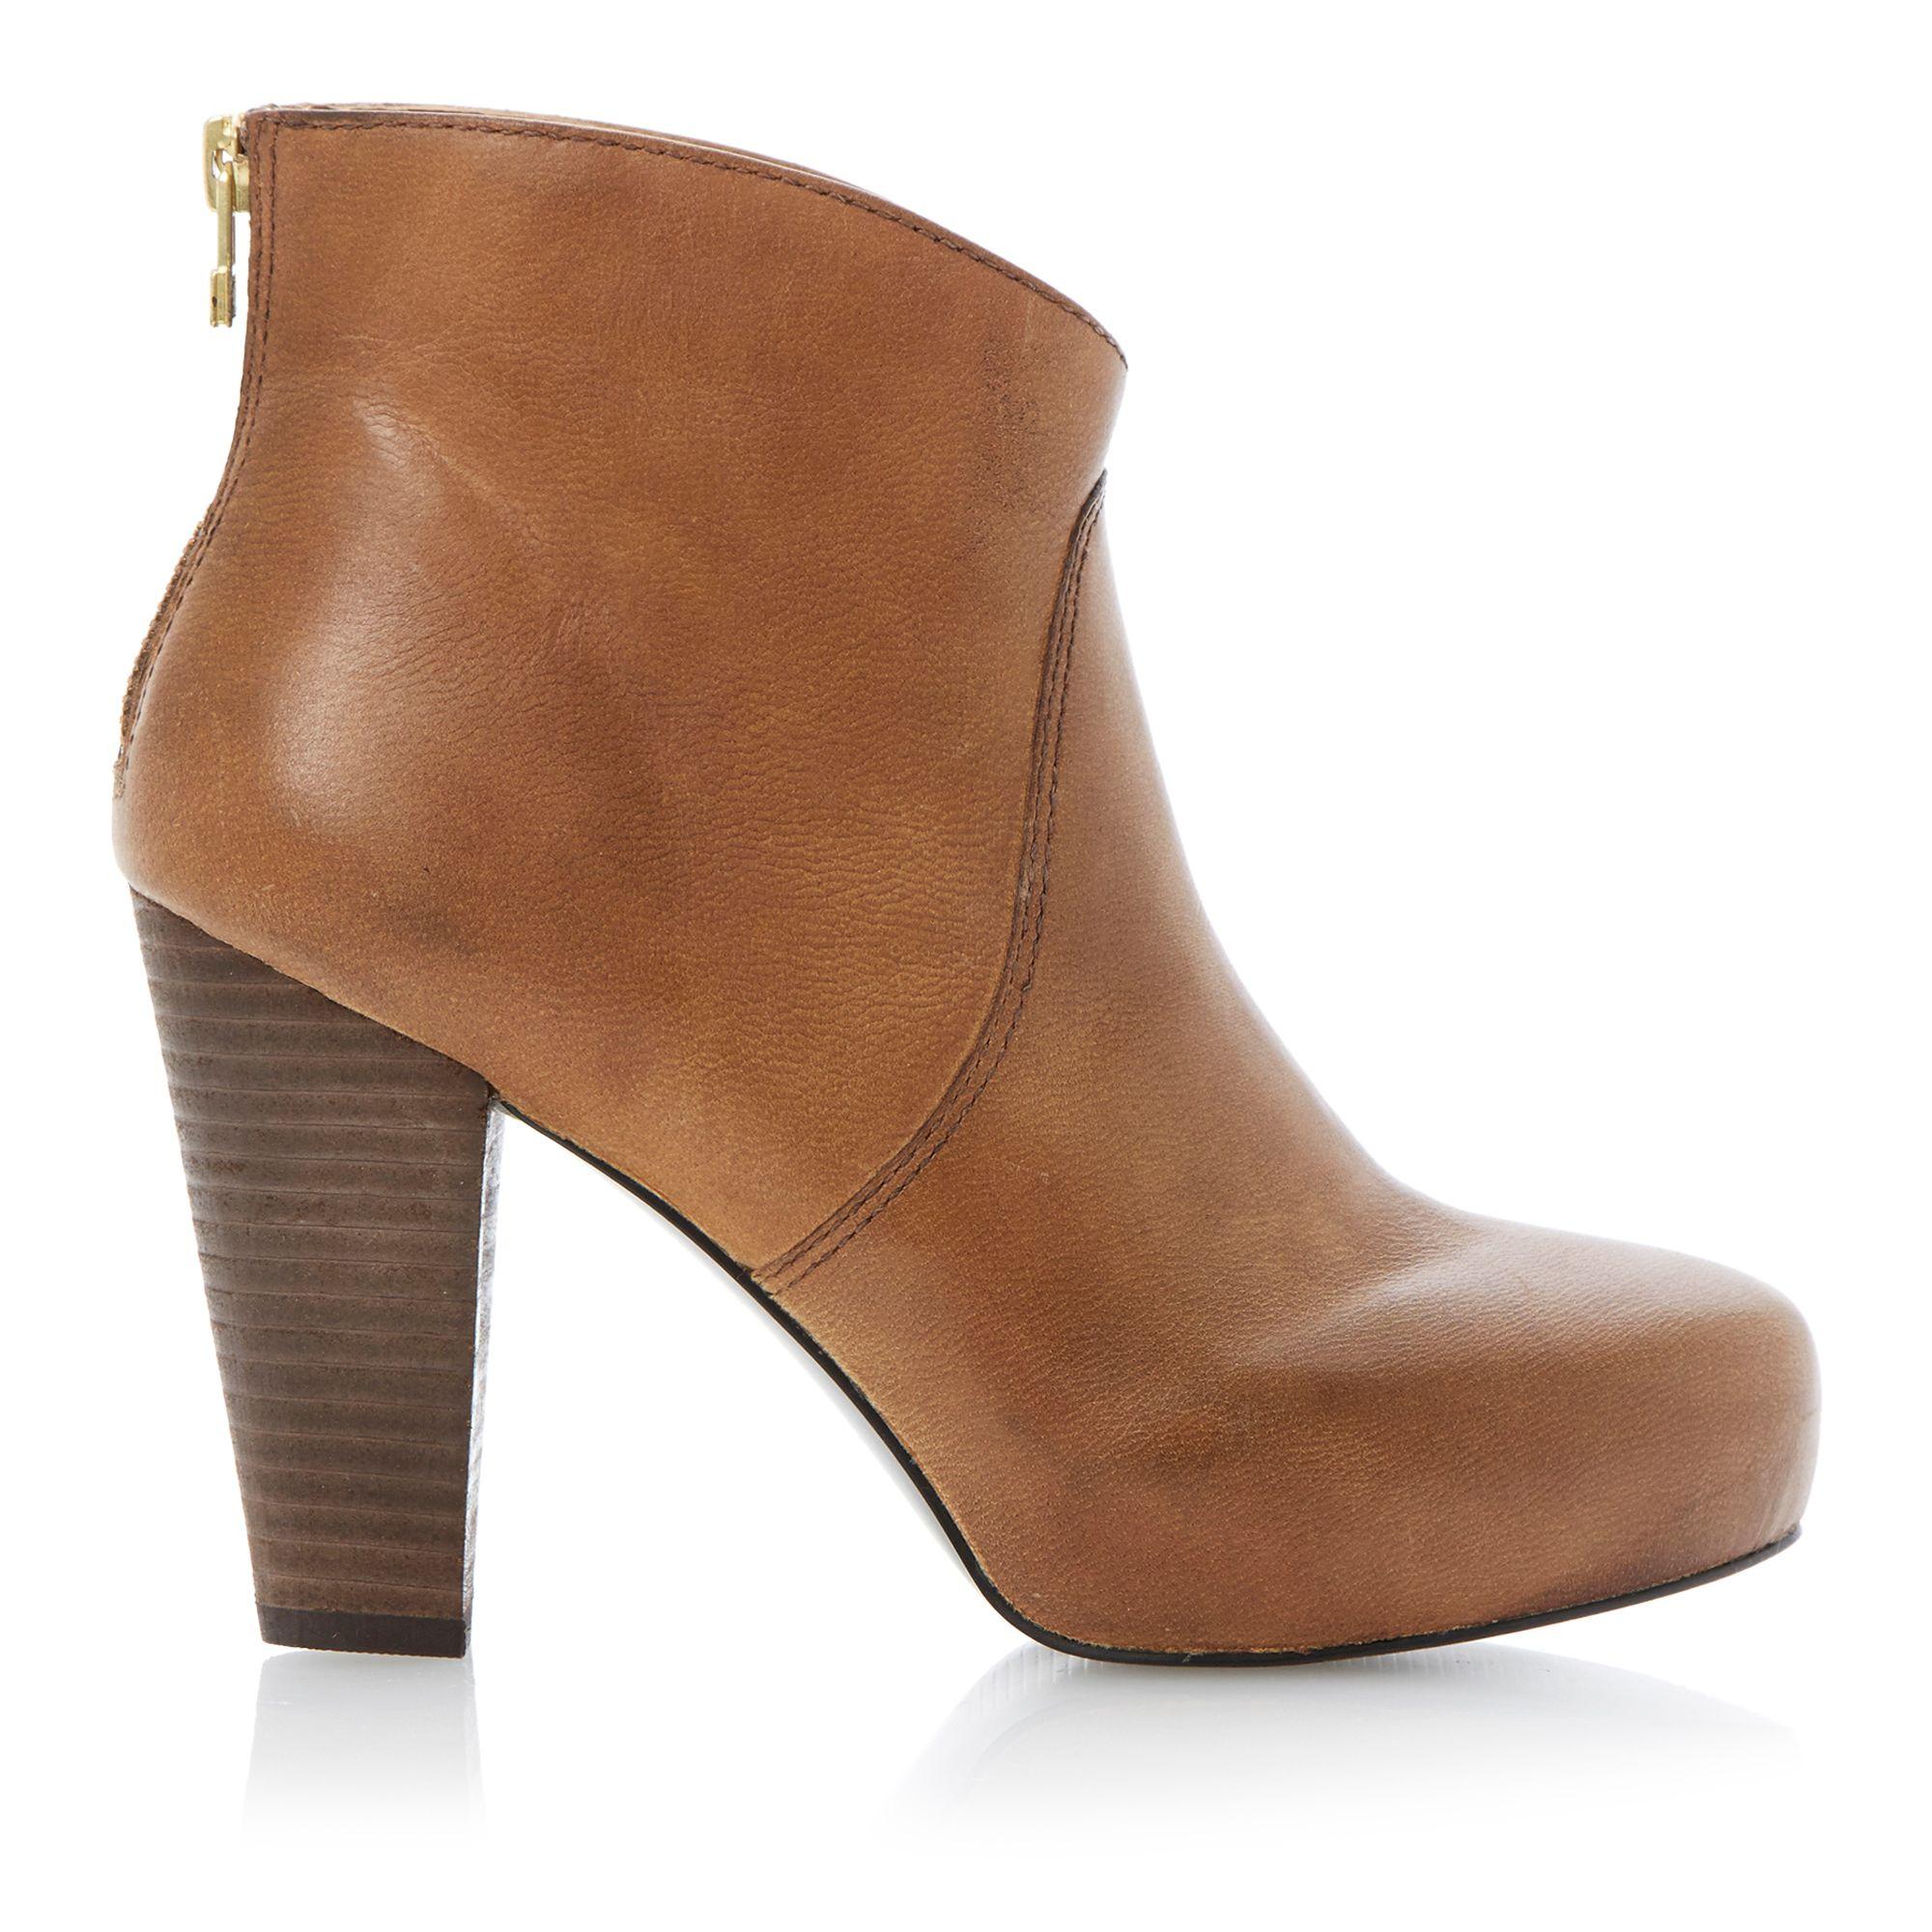 Steve Madden Naples Concealed Platform Leather Ankle Boots